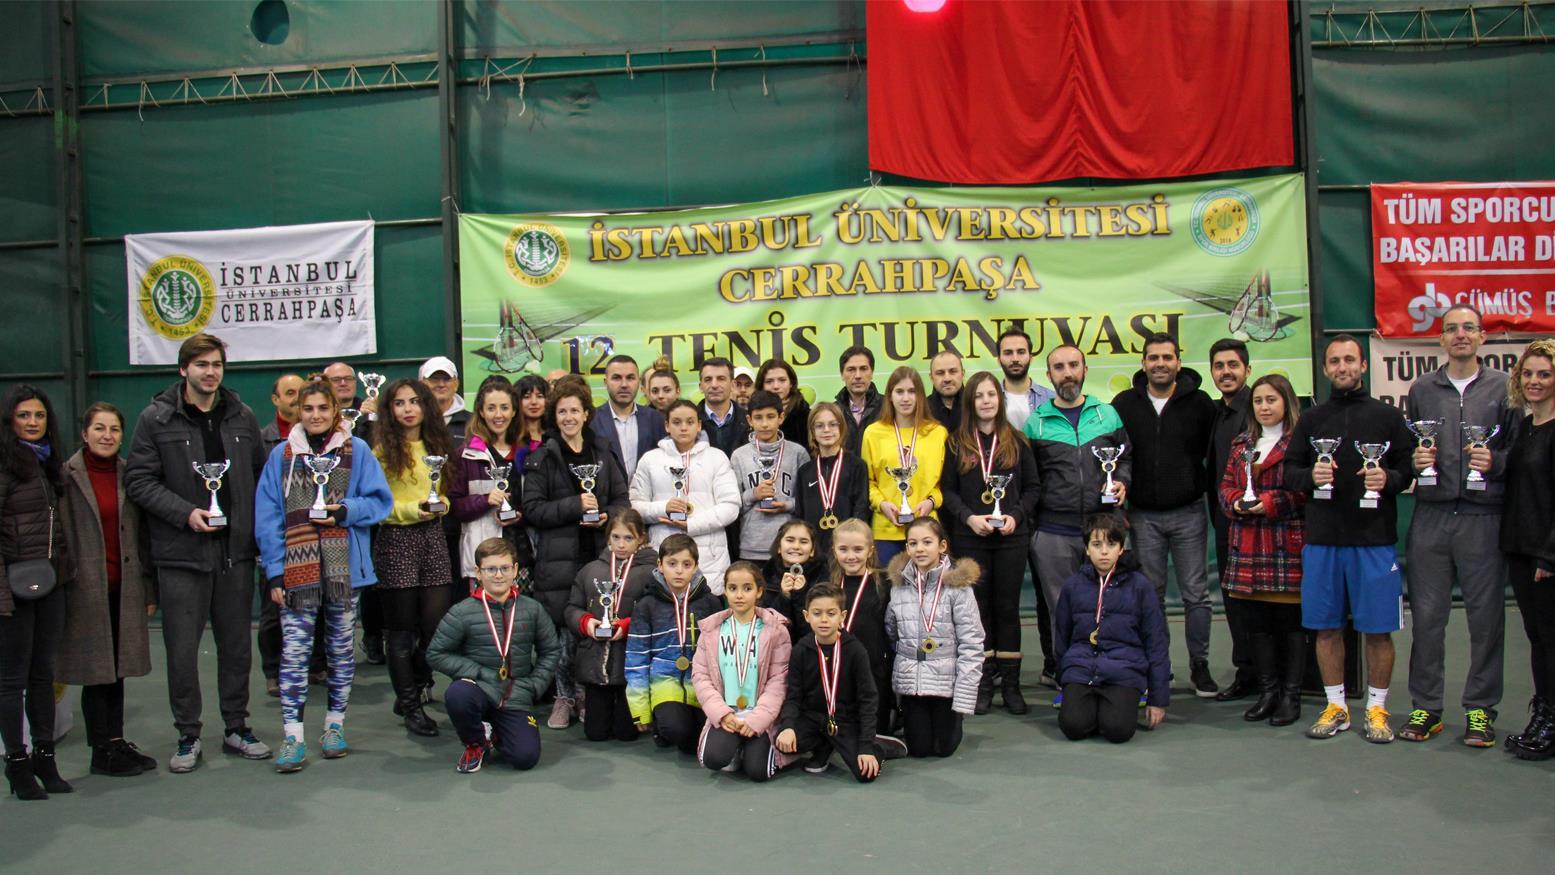 istanbul-üniversitesi istanbul-üniversitesi-cerrahpaşa tenis turnuva 12.-tenis-turnuvası tenis-turnuvası prof.dr.erol-ince prof.dr.-bilge-donuk doç.dr.bora-çavuşoğlu dr.öğr.üyesi-bülent-duran spor-bilimleri-fakültesi spor-bilimleri avcılar-kampüsü tenis-kortu spor-bilimleri-haberleri